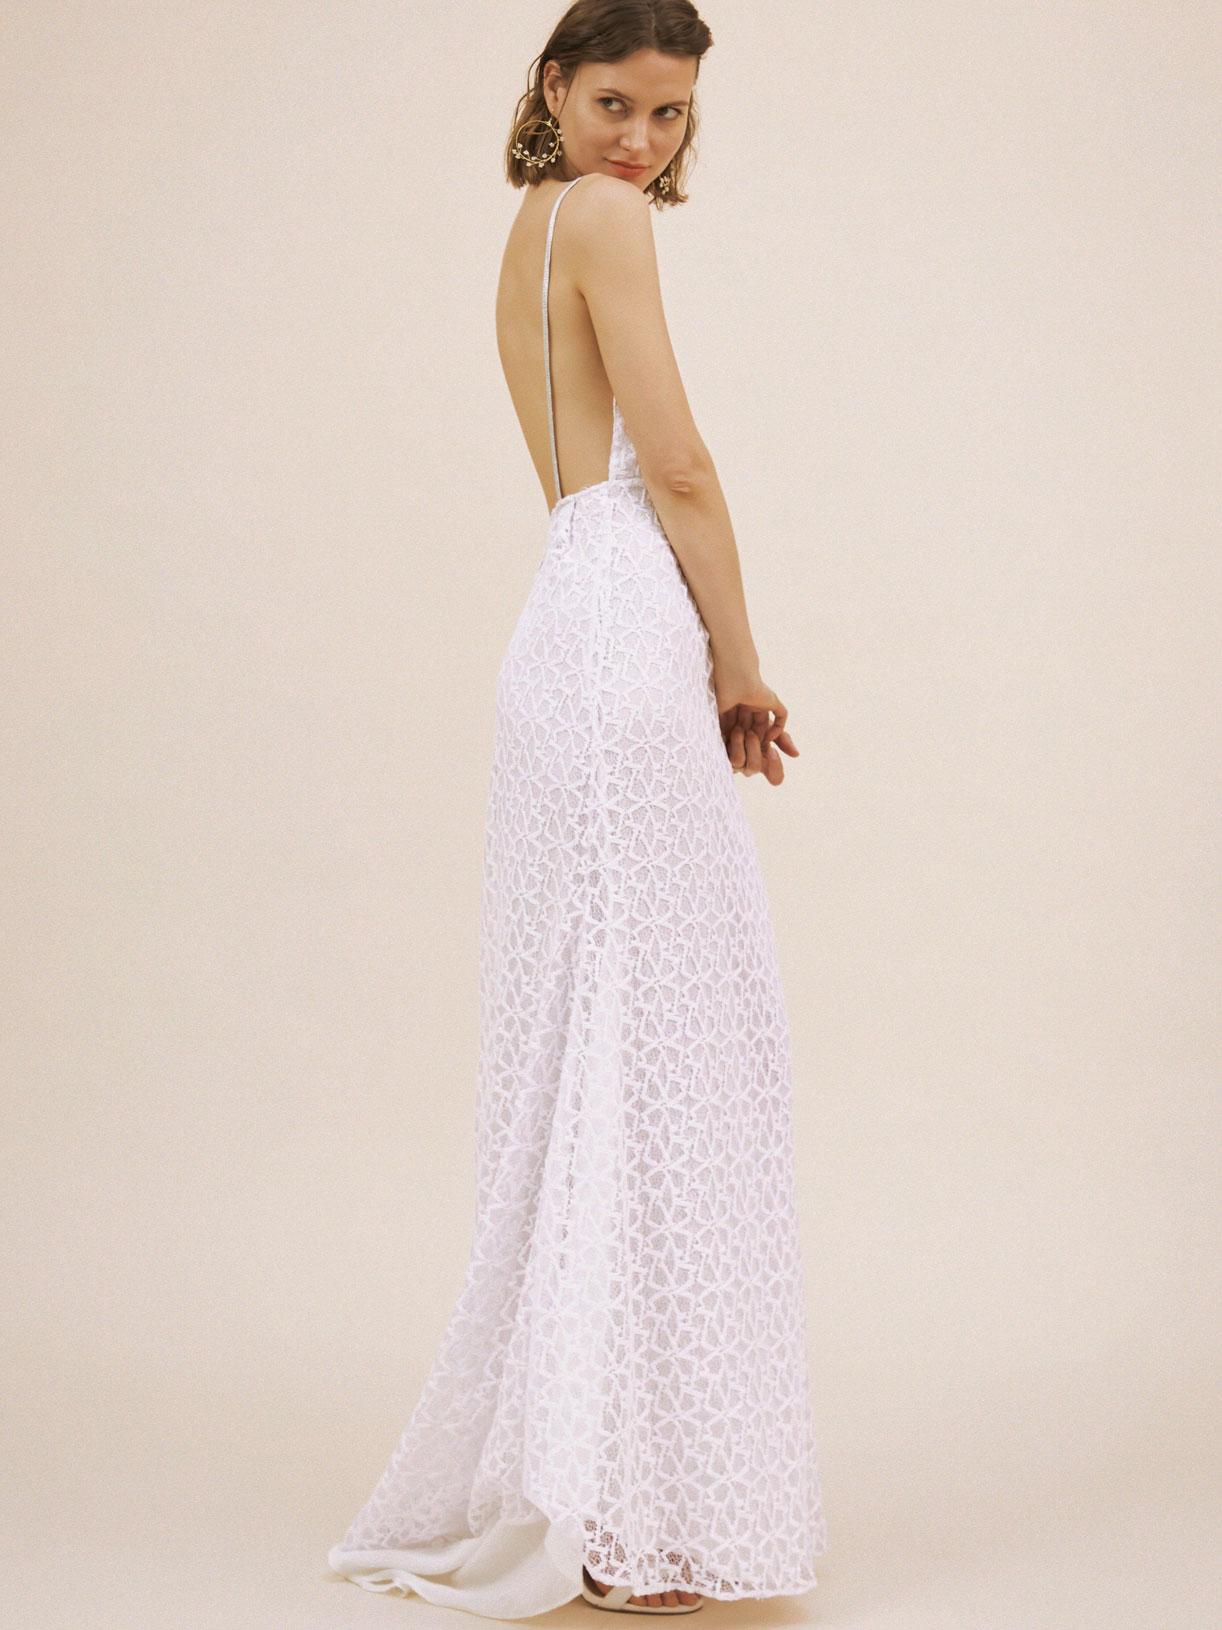 Robe de mariée dos nu sirène en dentelle écoresponsable - Creatrice de robe de mariée éthique et bio a Paris - Myphilosophy